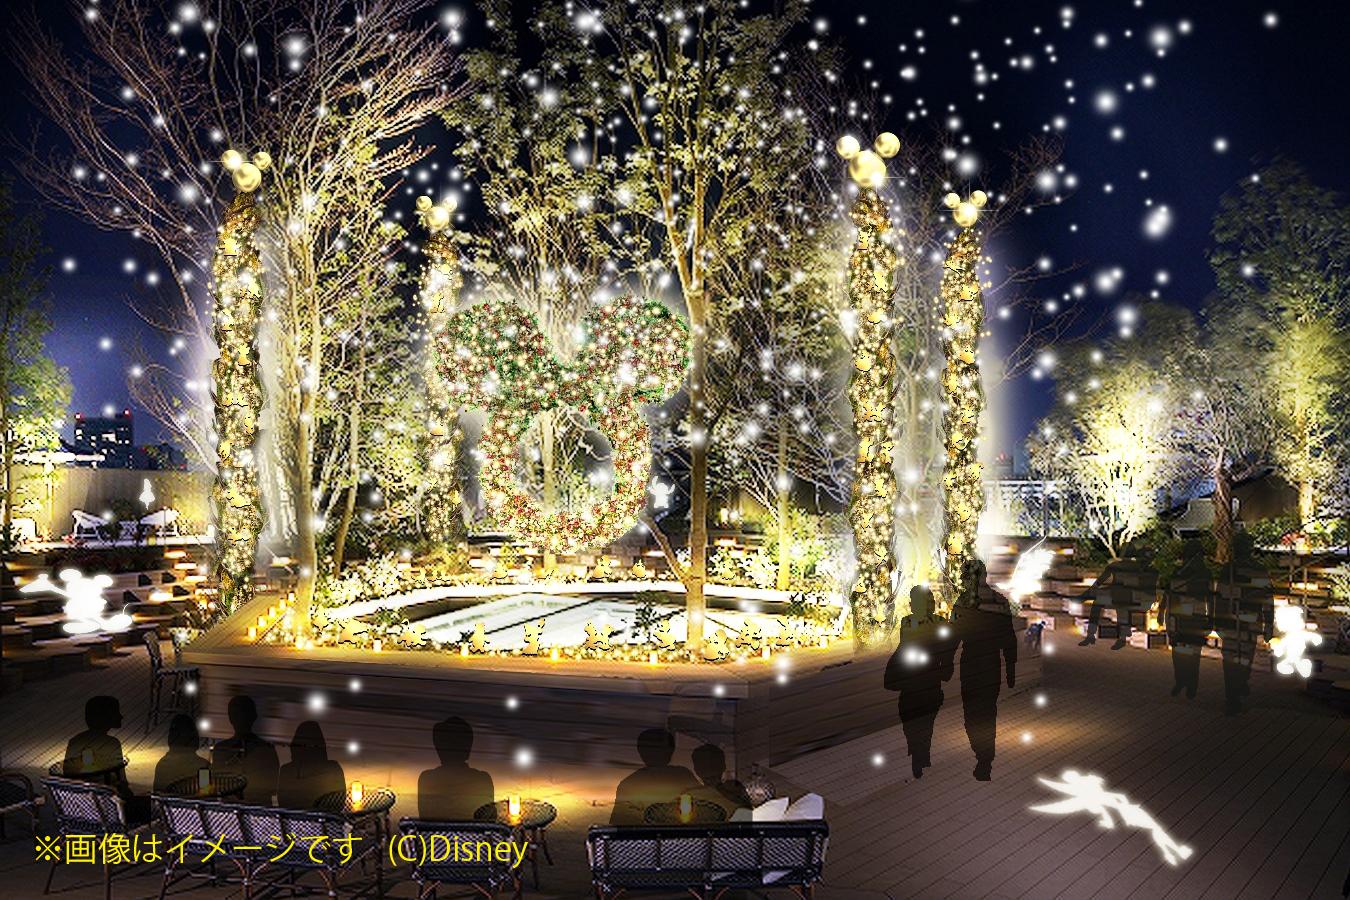 【東急プラザ 表参道原宿】おもはらの森クリスマスパース(※画像はイメージです_(c)Disney)のコピー